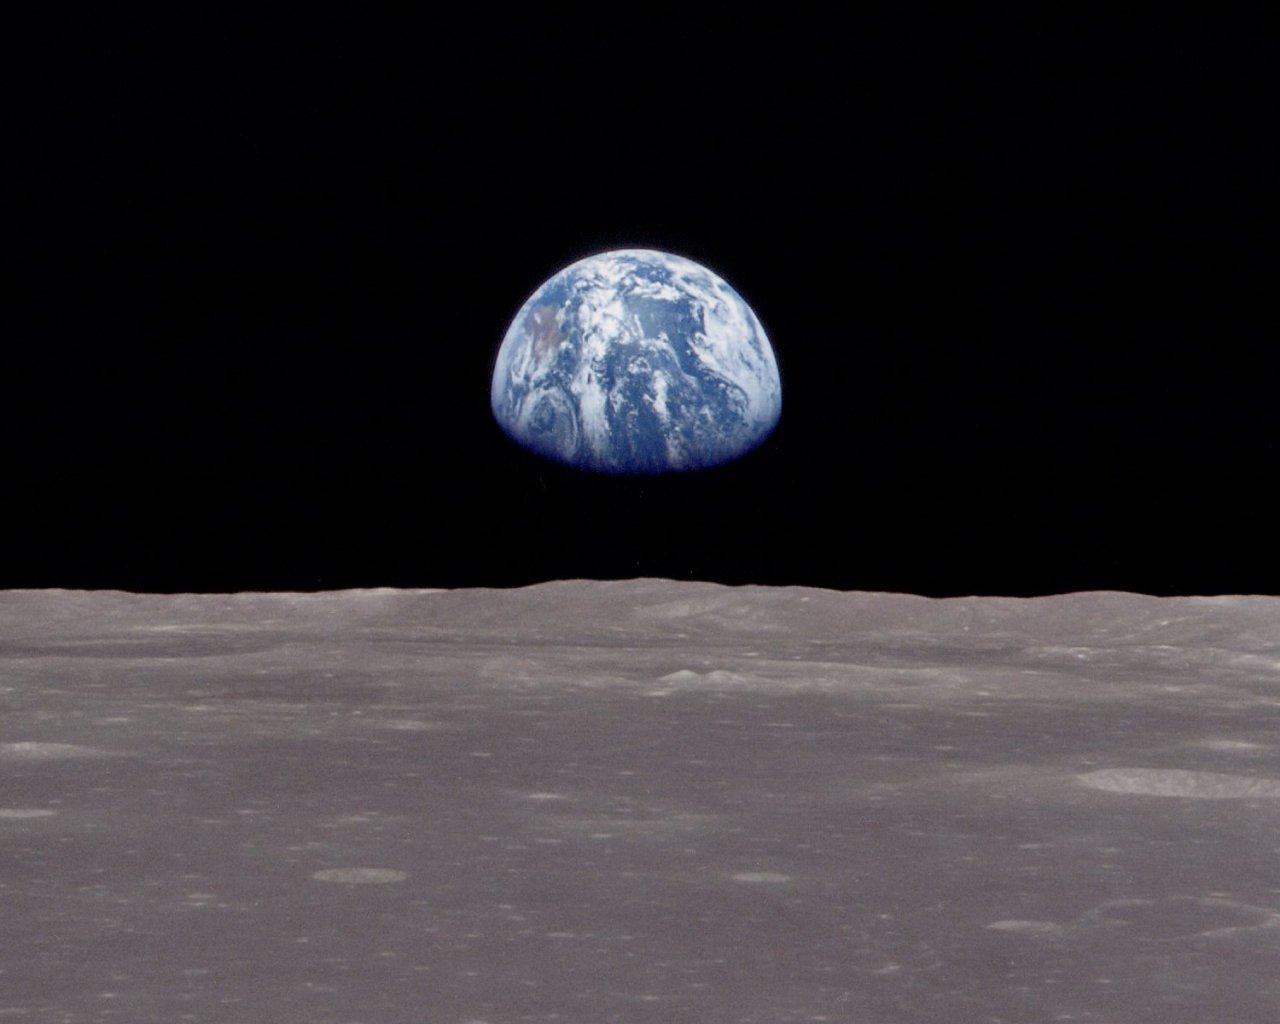 世界を見下ろす遥かなる大地: 近くて遠くて分かるようで分からない地球の相棒。